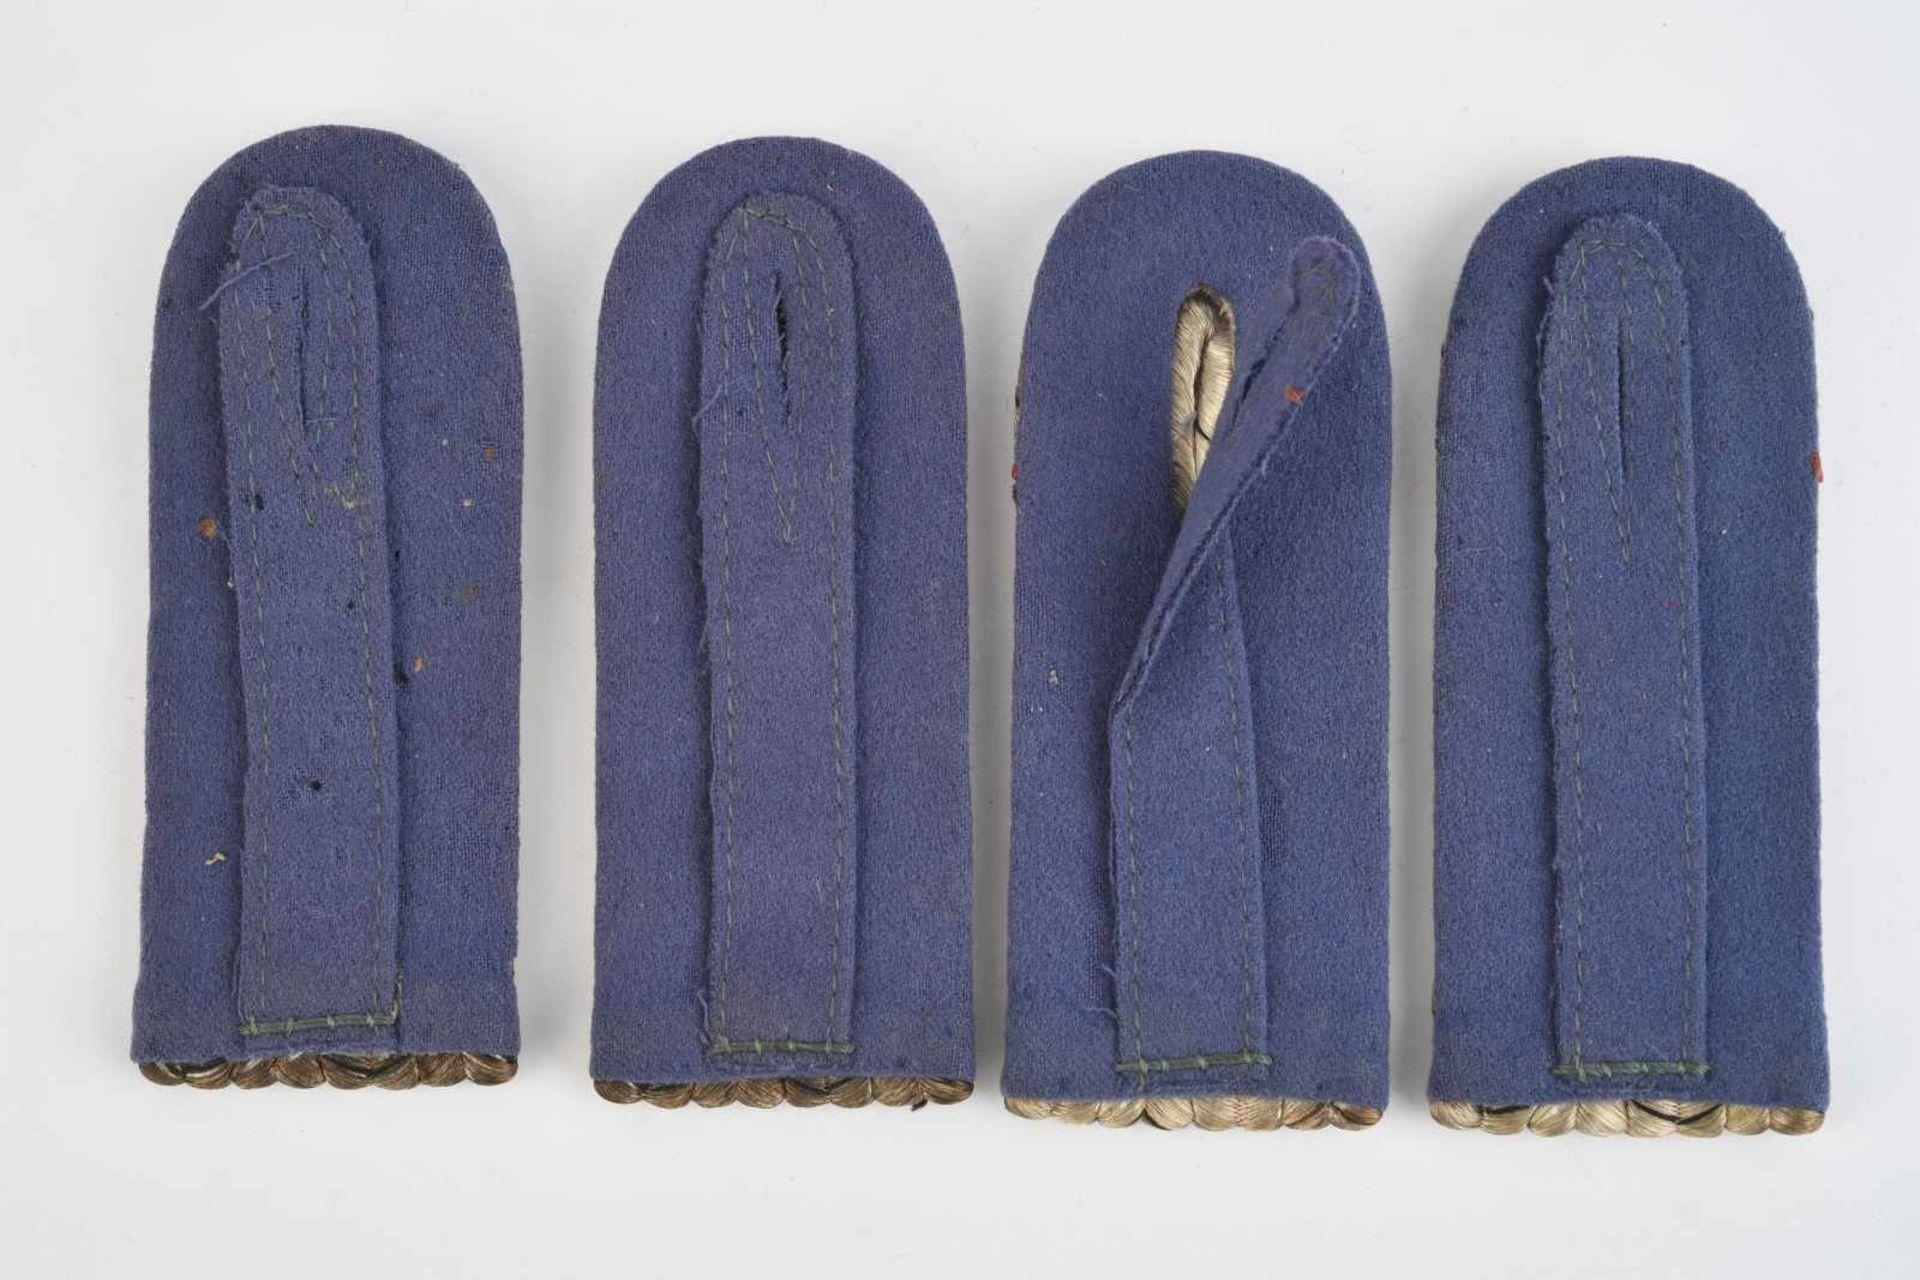 Paires de pattes d'épaules d'officier prussien. Deux paires de pattes d'épaule d'officier, fond - Bild 2 aus 2